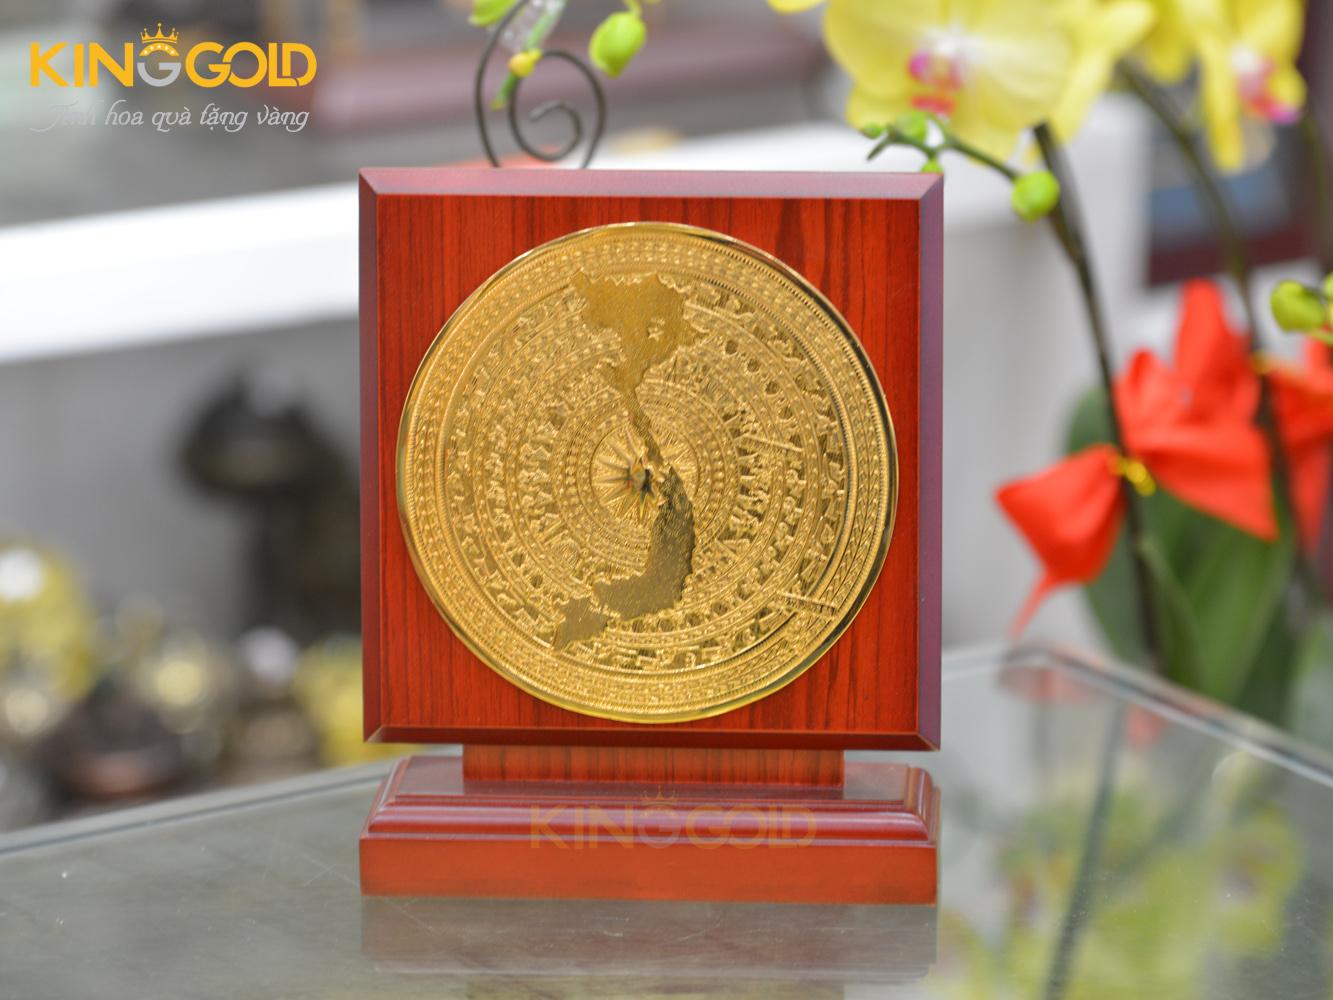 Biểu trưng mặt trống đồng hộp gỗ vuông, mạ vàng 24k sang trọng0